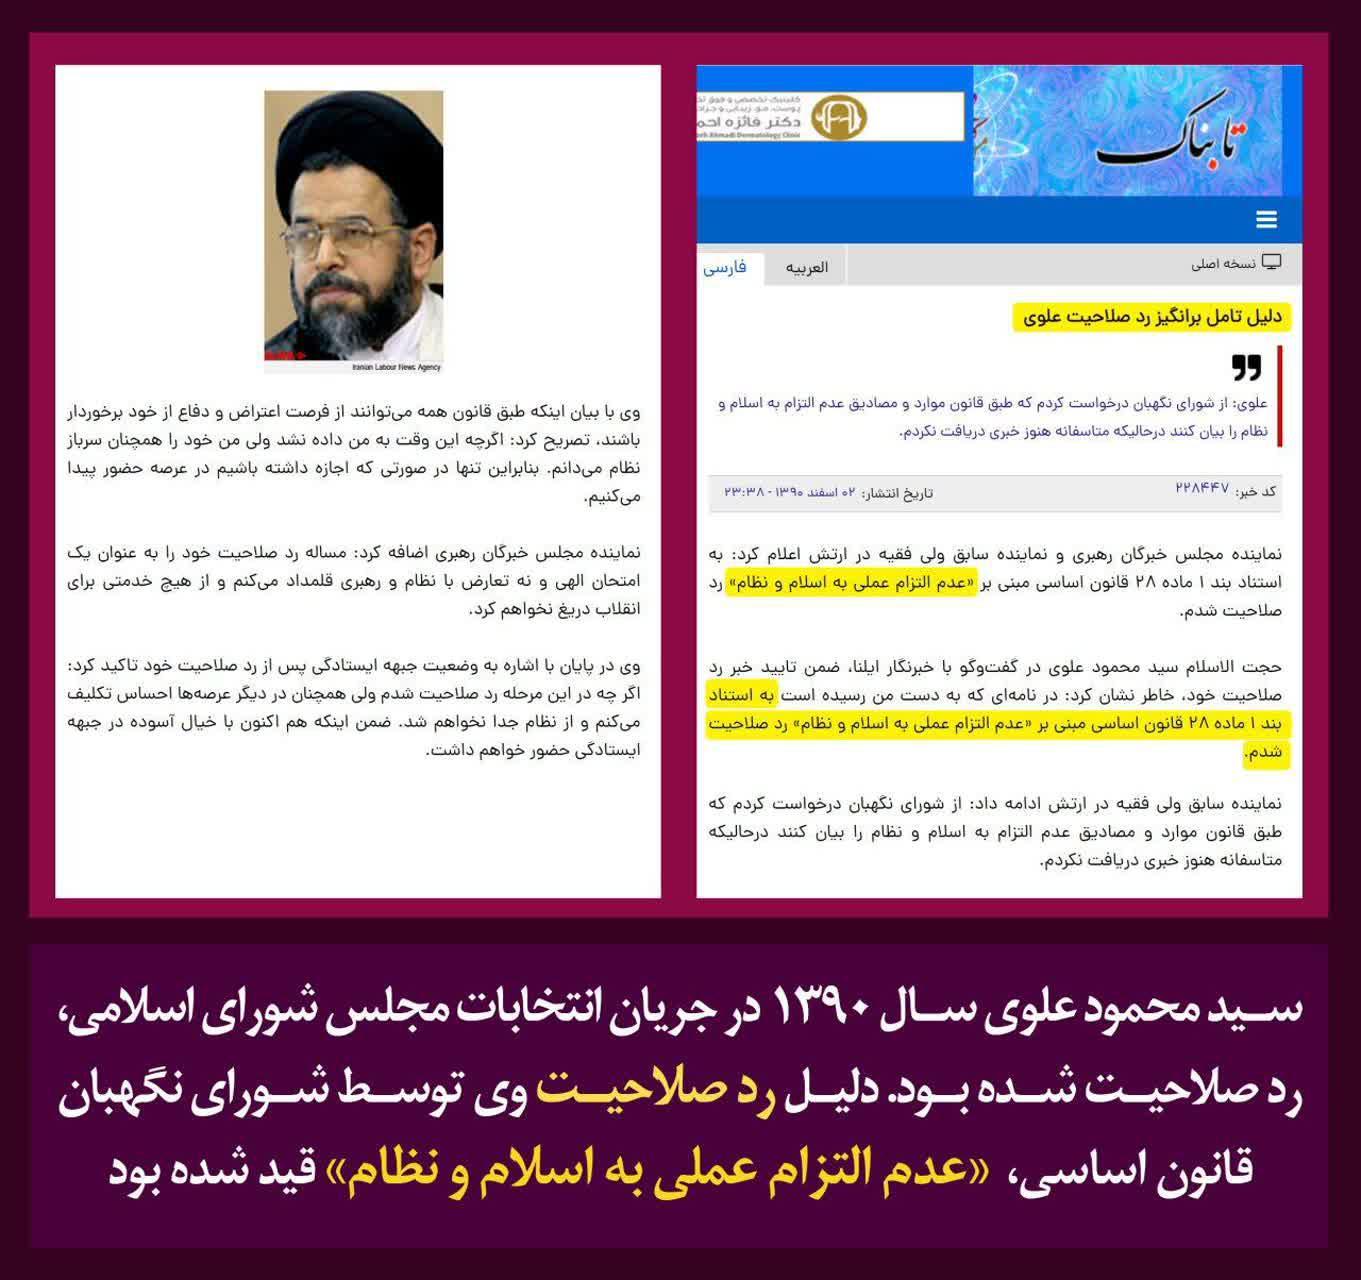 amadnews%20%2824%29 شکایت وزیر اطلاعات از حسن عباسی به بهانه بیان ارتباط و رابطه آمدنیوز و همچنين وزیر اطلاعات + اسناد